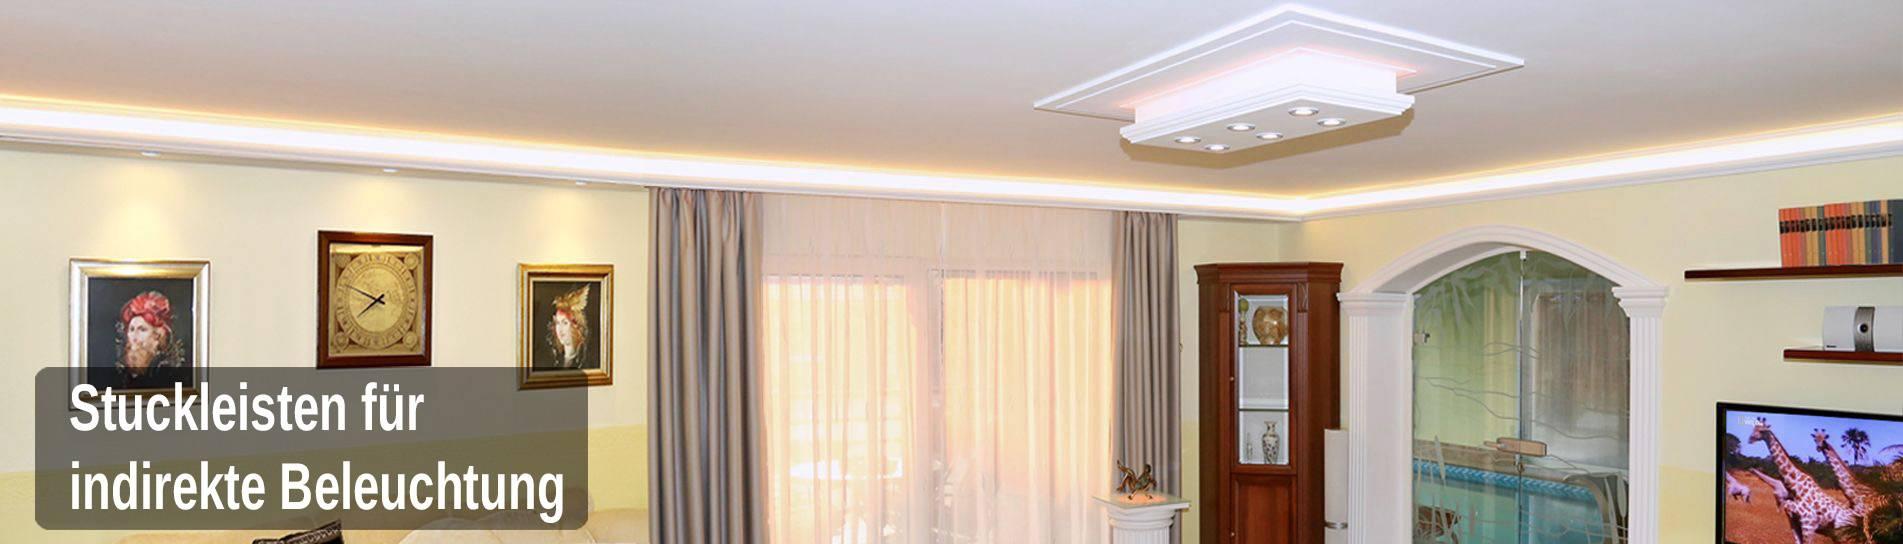 Full Size of Wohnzimmer Indirekte Beleuchtung Stuckleisten Aus Styropor Im Onlineshop Des Herstellers Bad Led Vitrine Weiß Deckenlampe Sofa Kleines Tapete Deko Gardinen Wohnzimmer Wohnzimmer Indirekte Beleuchtung